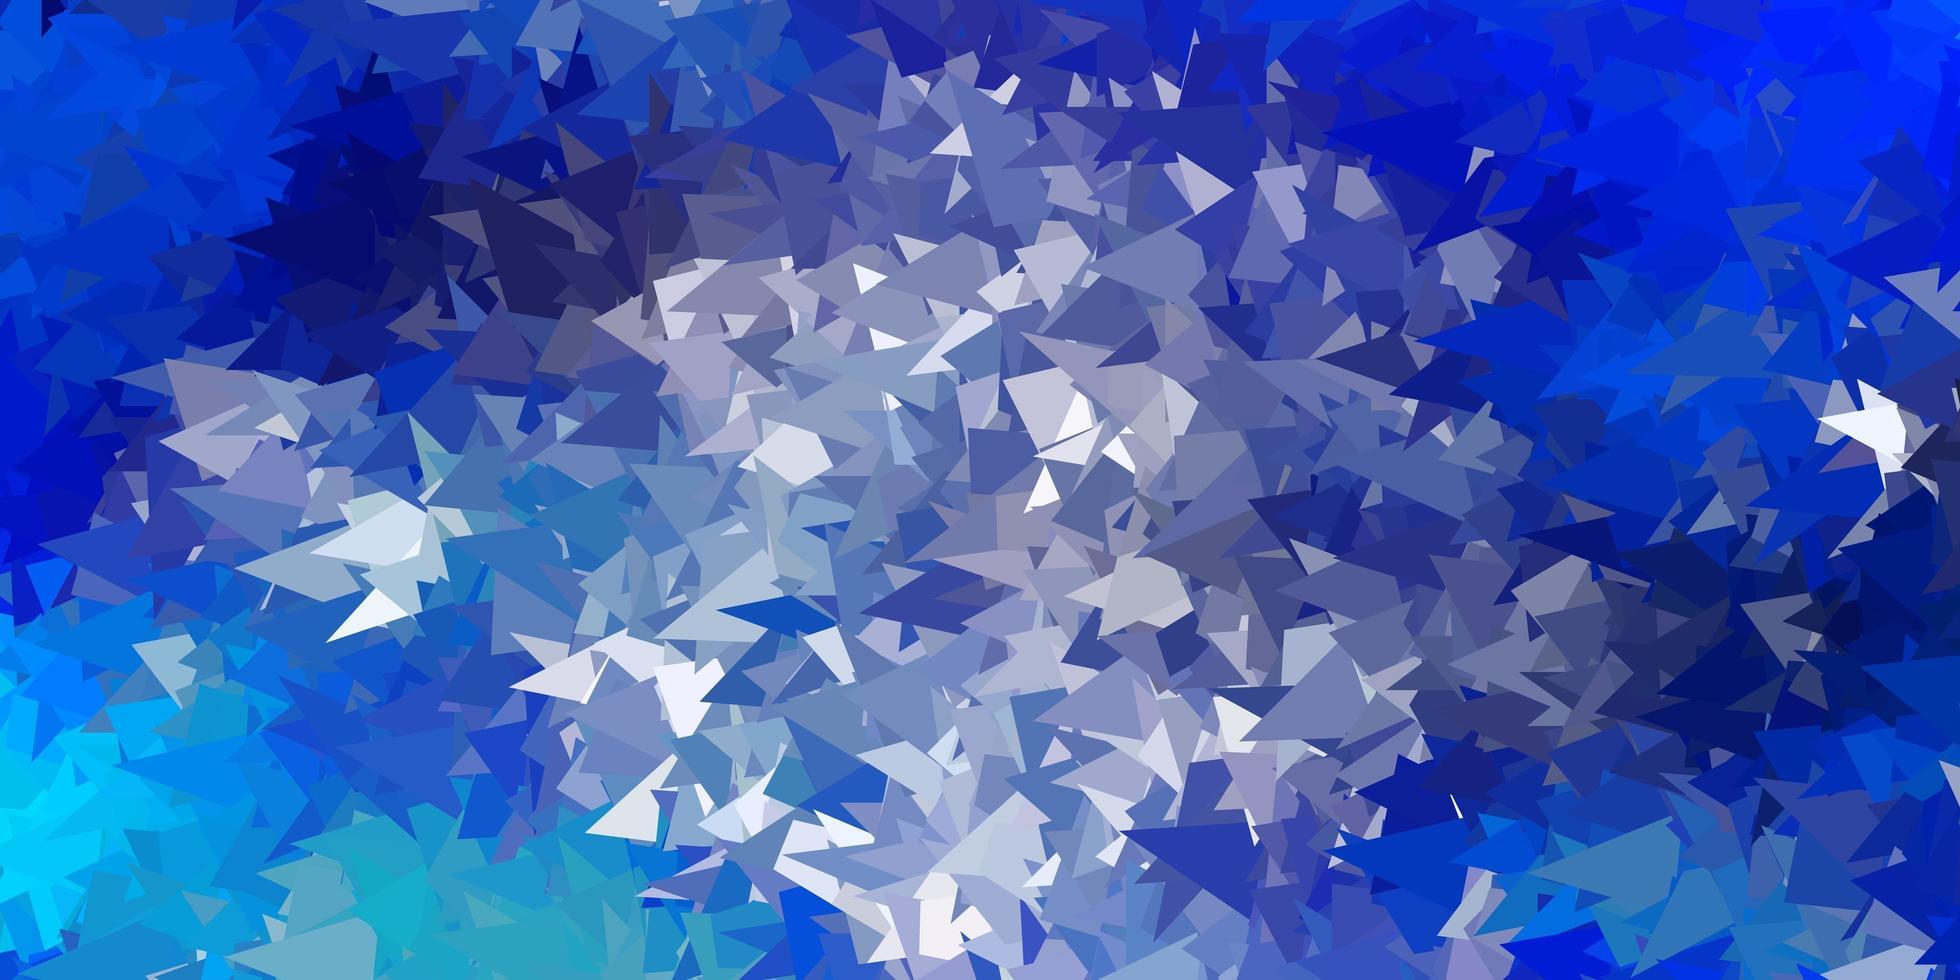 hellblaues Vektor abstraktes Dreiecksmuster.